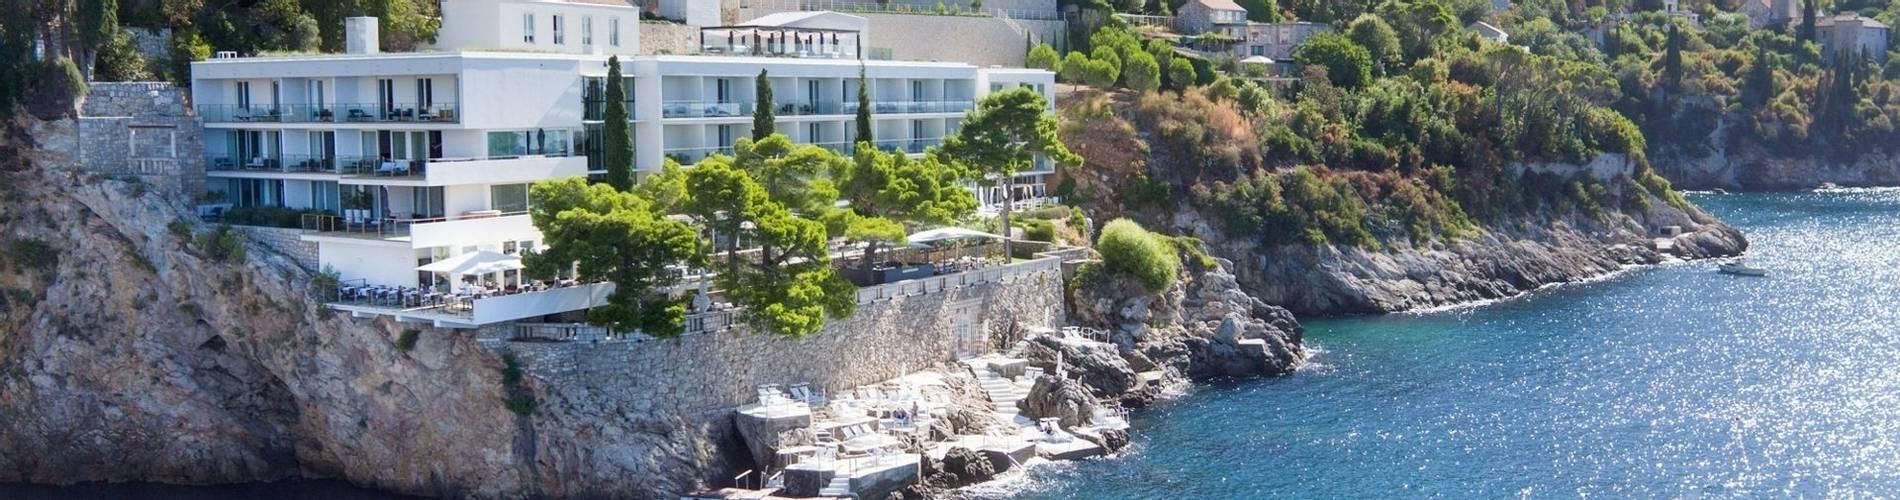 Hotel Villa Dubrovnik.jpg